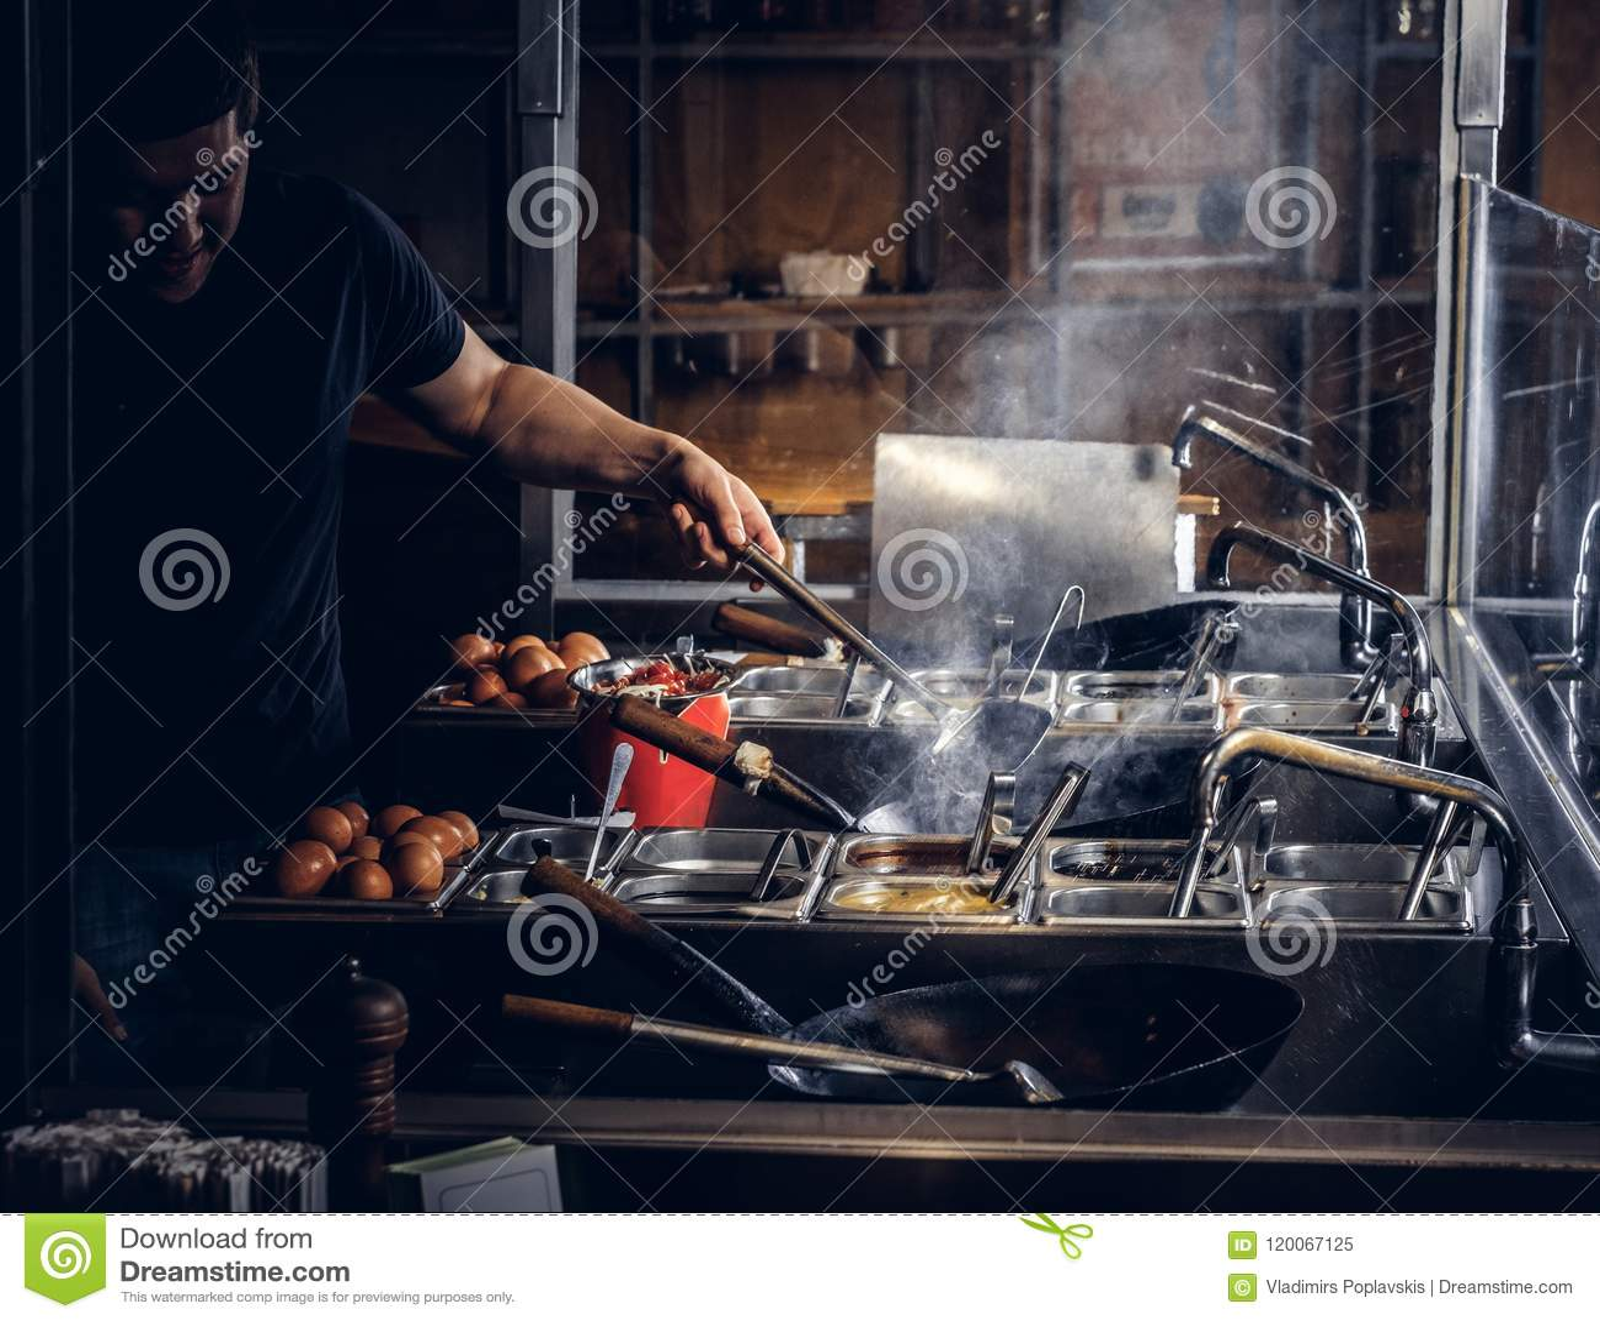 Proceso de cocinar en un restaurante asiático El cocinero está revolviendo verduras en wok